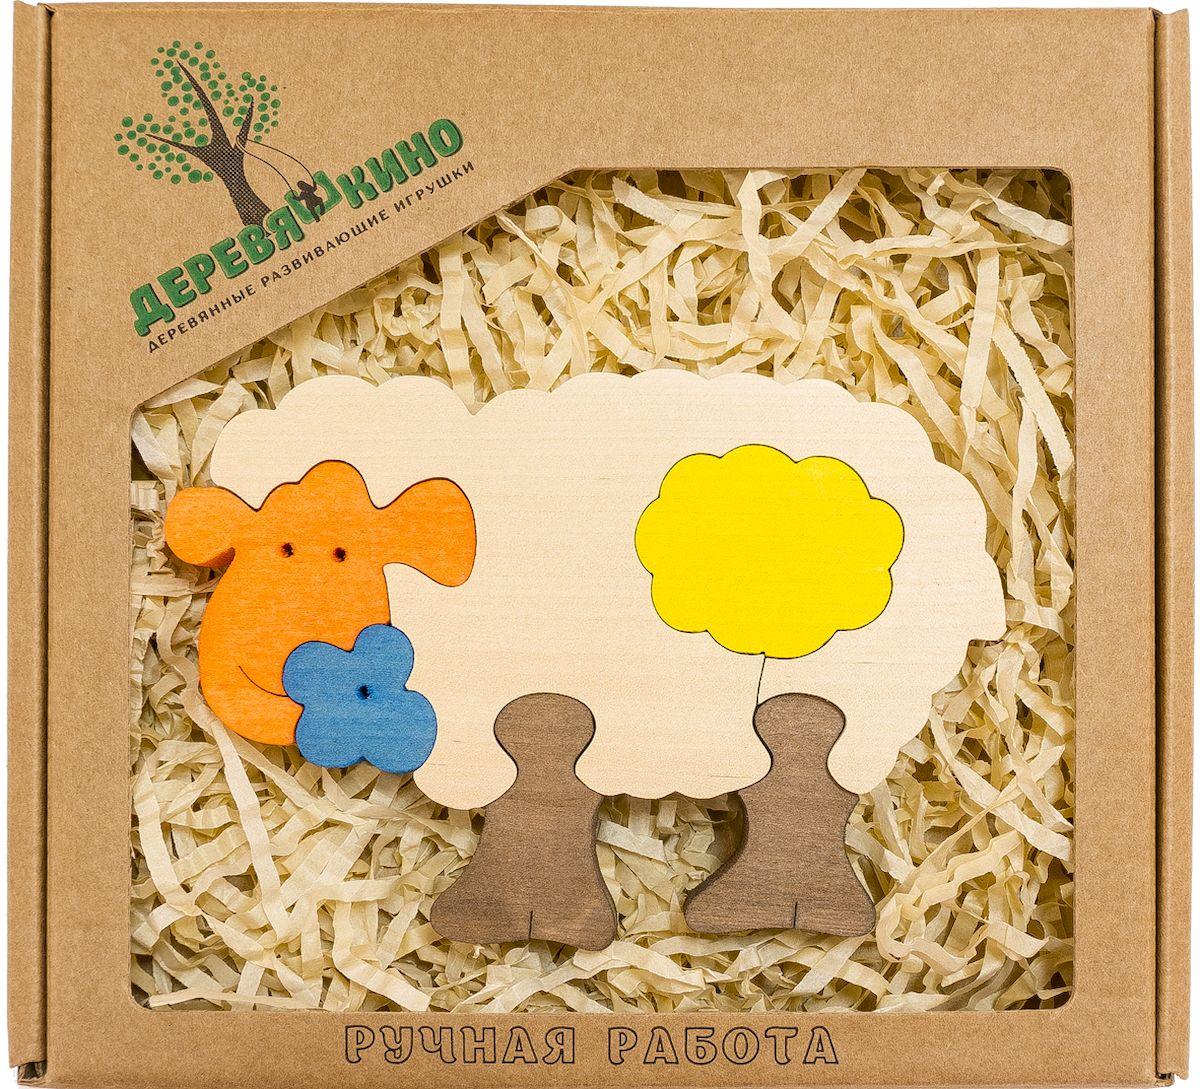 Деревяшкино Пазл для малышей Овечка599Развивающая деревянная головоломка Овечка (средней степени сложности) подходит для мальчиков и девочек в возрасте 3-5лет, состоит из 6 деталей. Экологически чистый продукт: изготовлено вручную из массива березы. Игрушка раскрашена пищевой водостойкой краской, что делает взаимодействие с изделием абсолютно безопасным: никаких лаков, «химии» или добавок. Процесс сборки деревянной головоломки развивает: тактильную сенсорику, внимательность, усидчивость, пространственное мышление, мелкую моторику, а так же учит различать элементы по цвету, форме и размеру. С продукцией компании Деревяшкино, Ваши детки развиваются, играя без риска для здоровья.